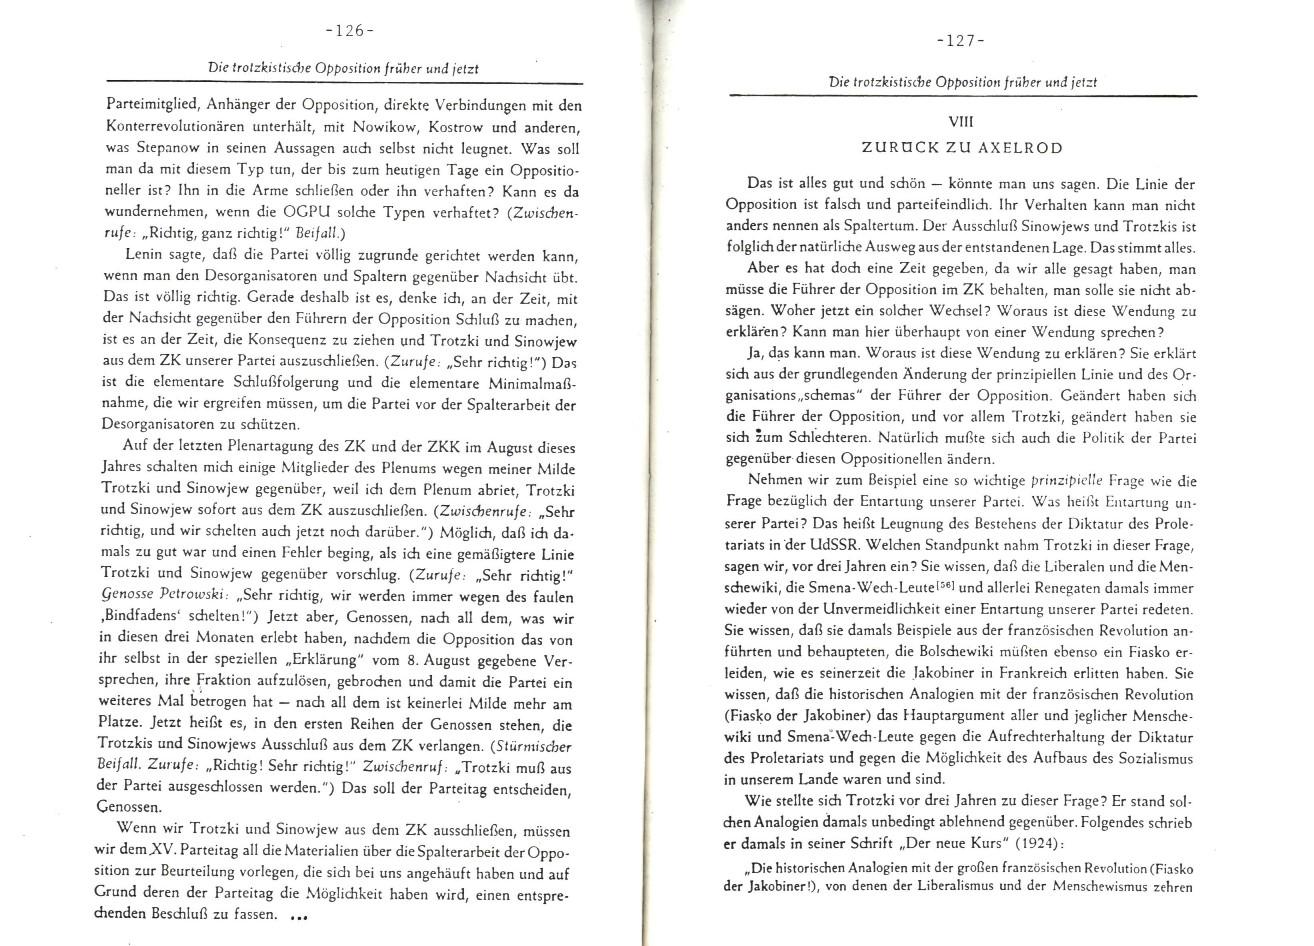 MLSK_Theorie_und_Praxis_des_ML_1979_25_64